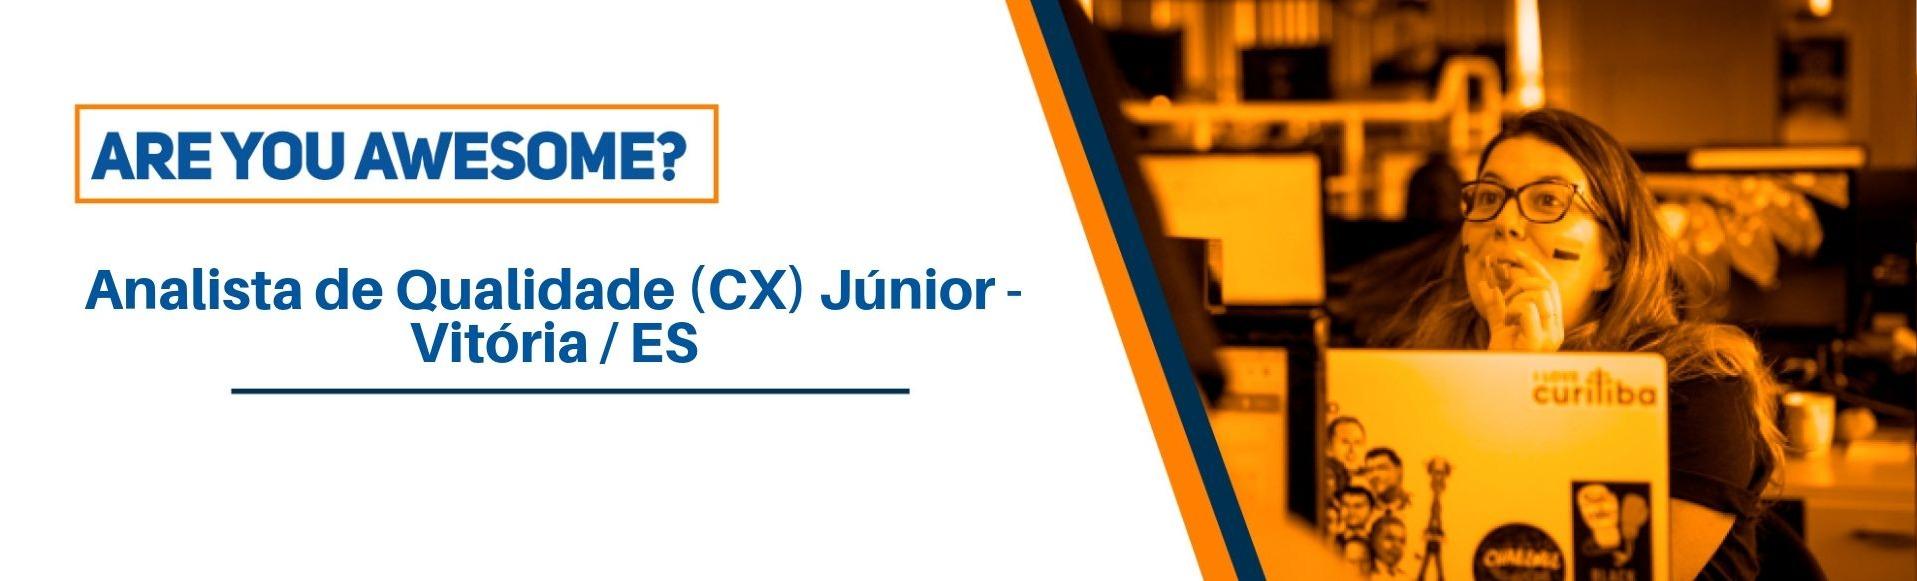 Analista de Qualidade (CX) Júnior